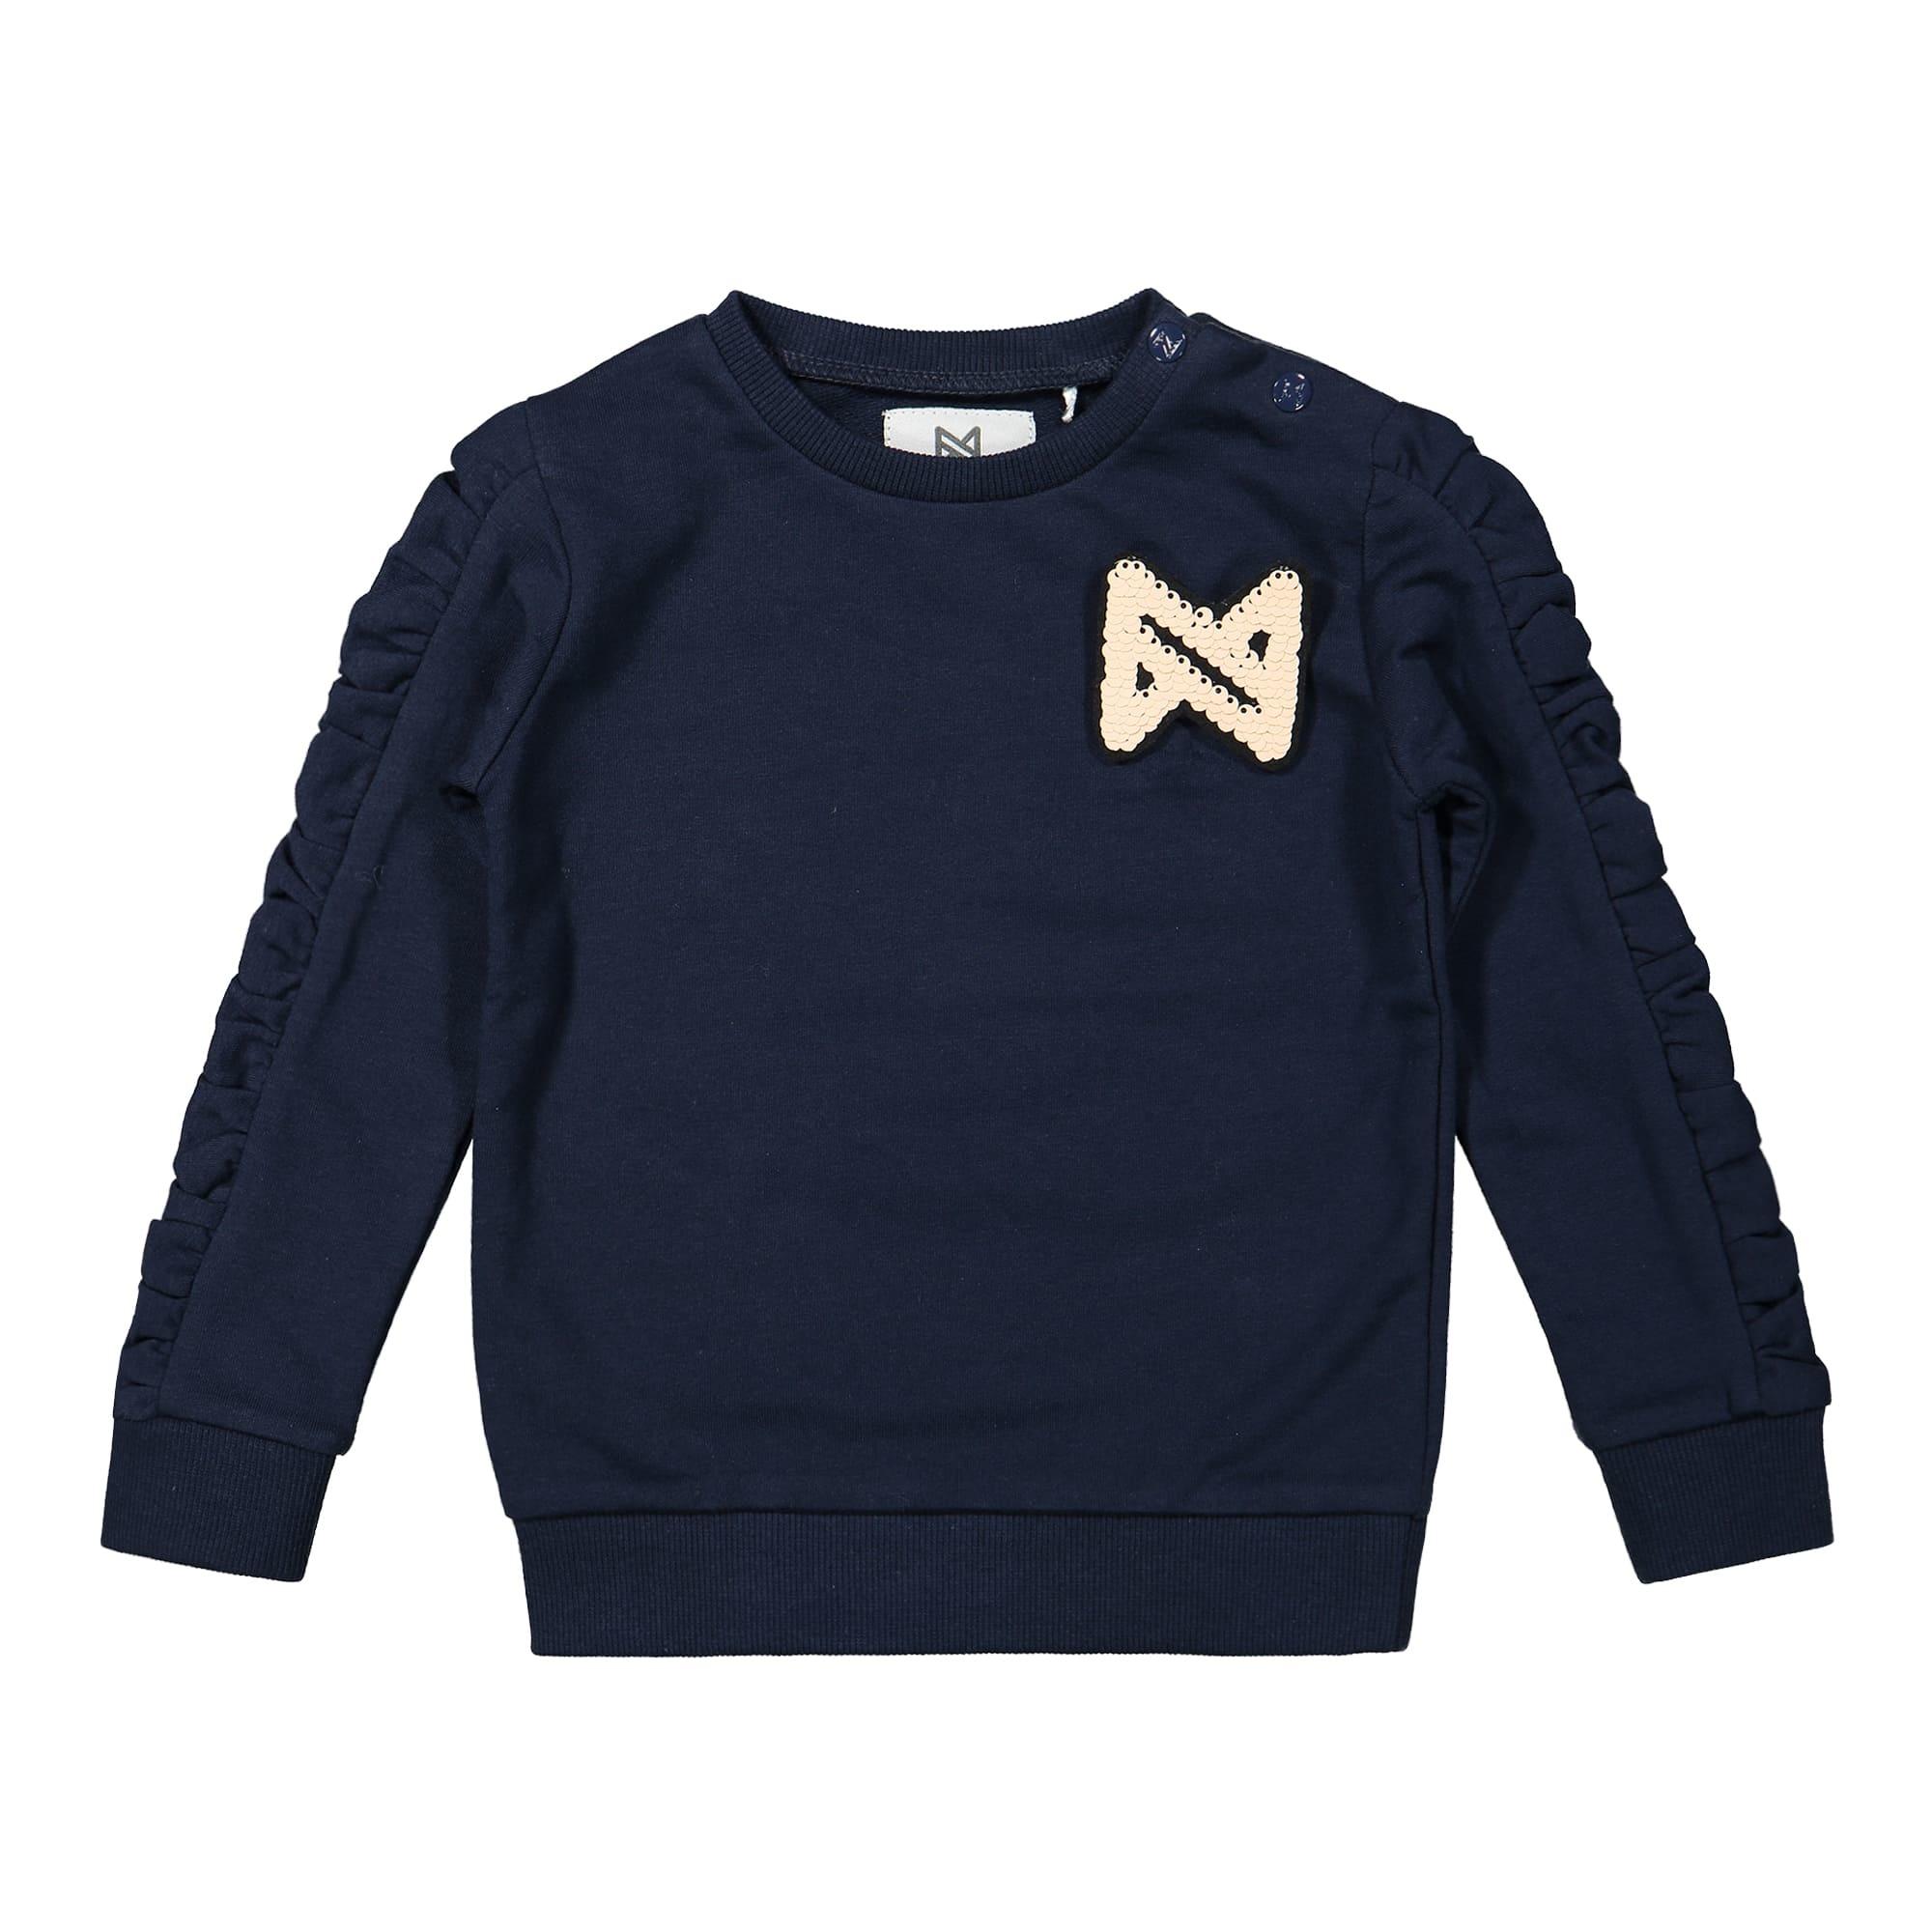 Koko Noko Girls Sweater ls - F40901-37